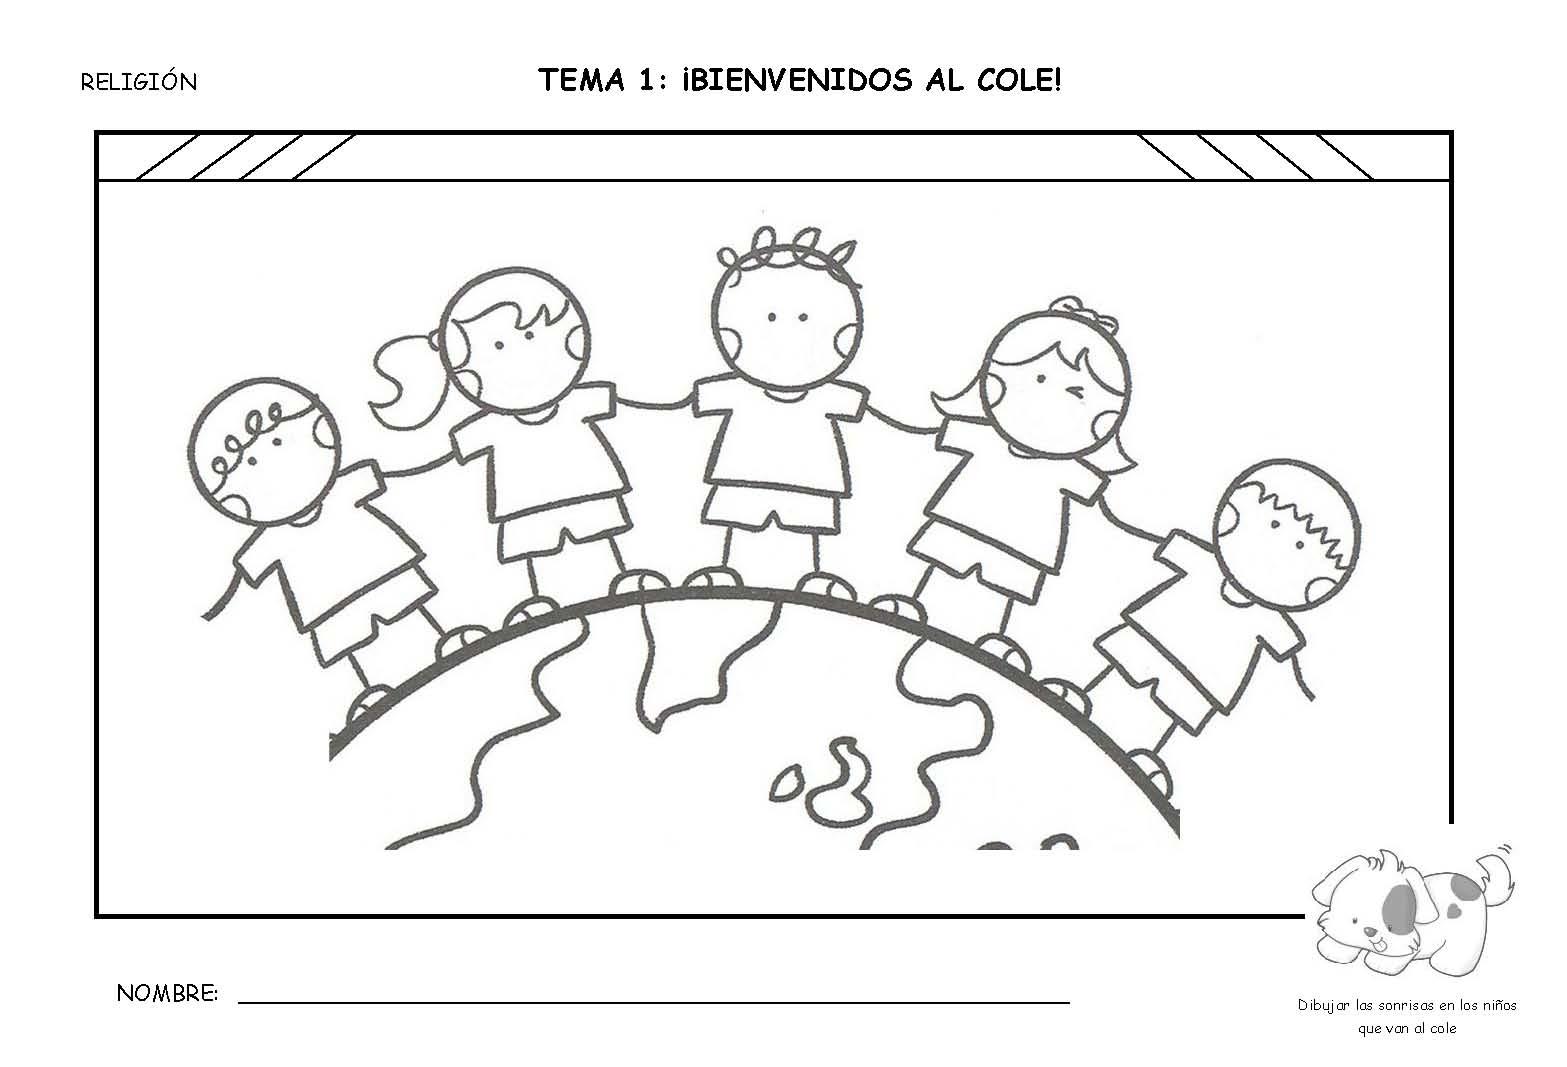 Dorable Bienvenido Colorear Imágenes - Dibujos Para Colorear En ...